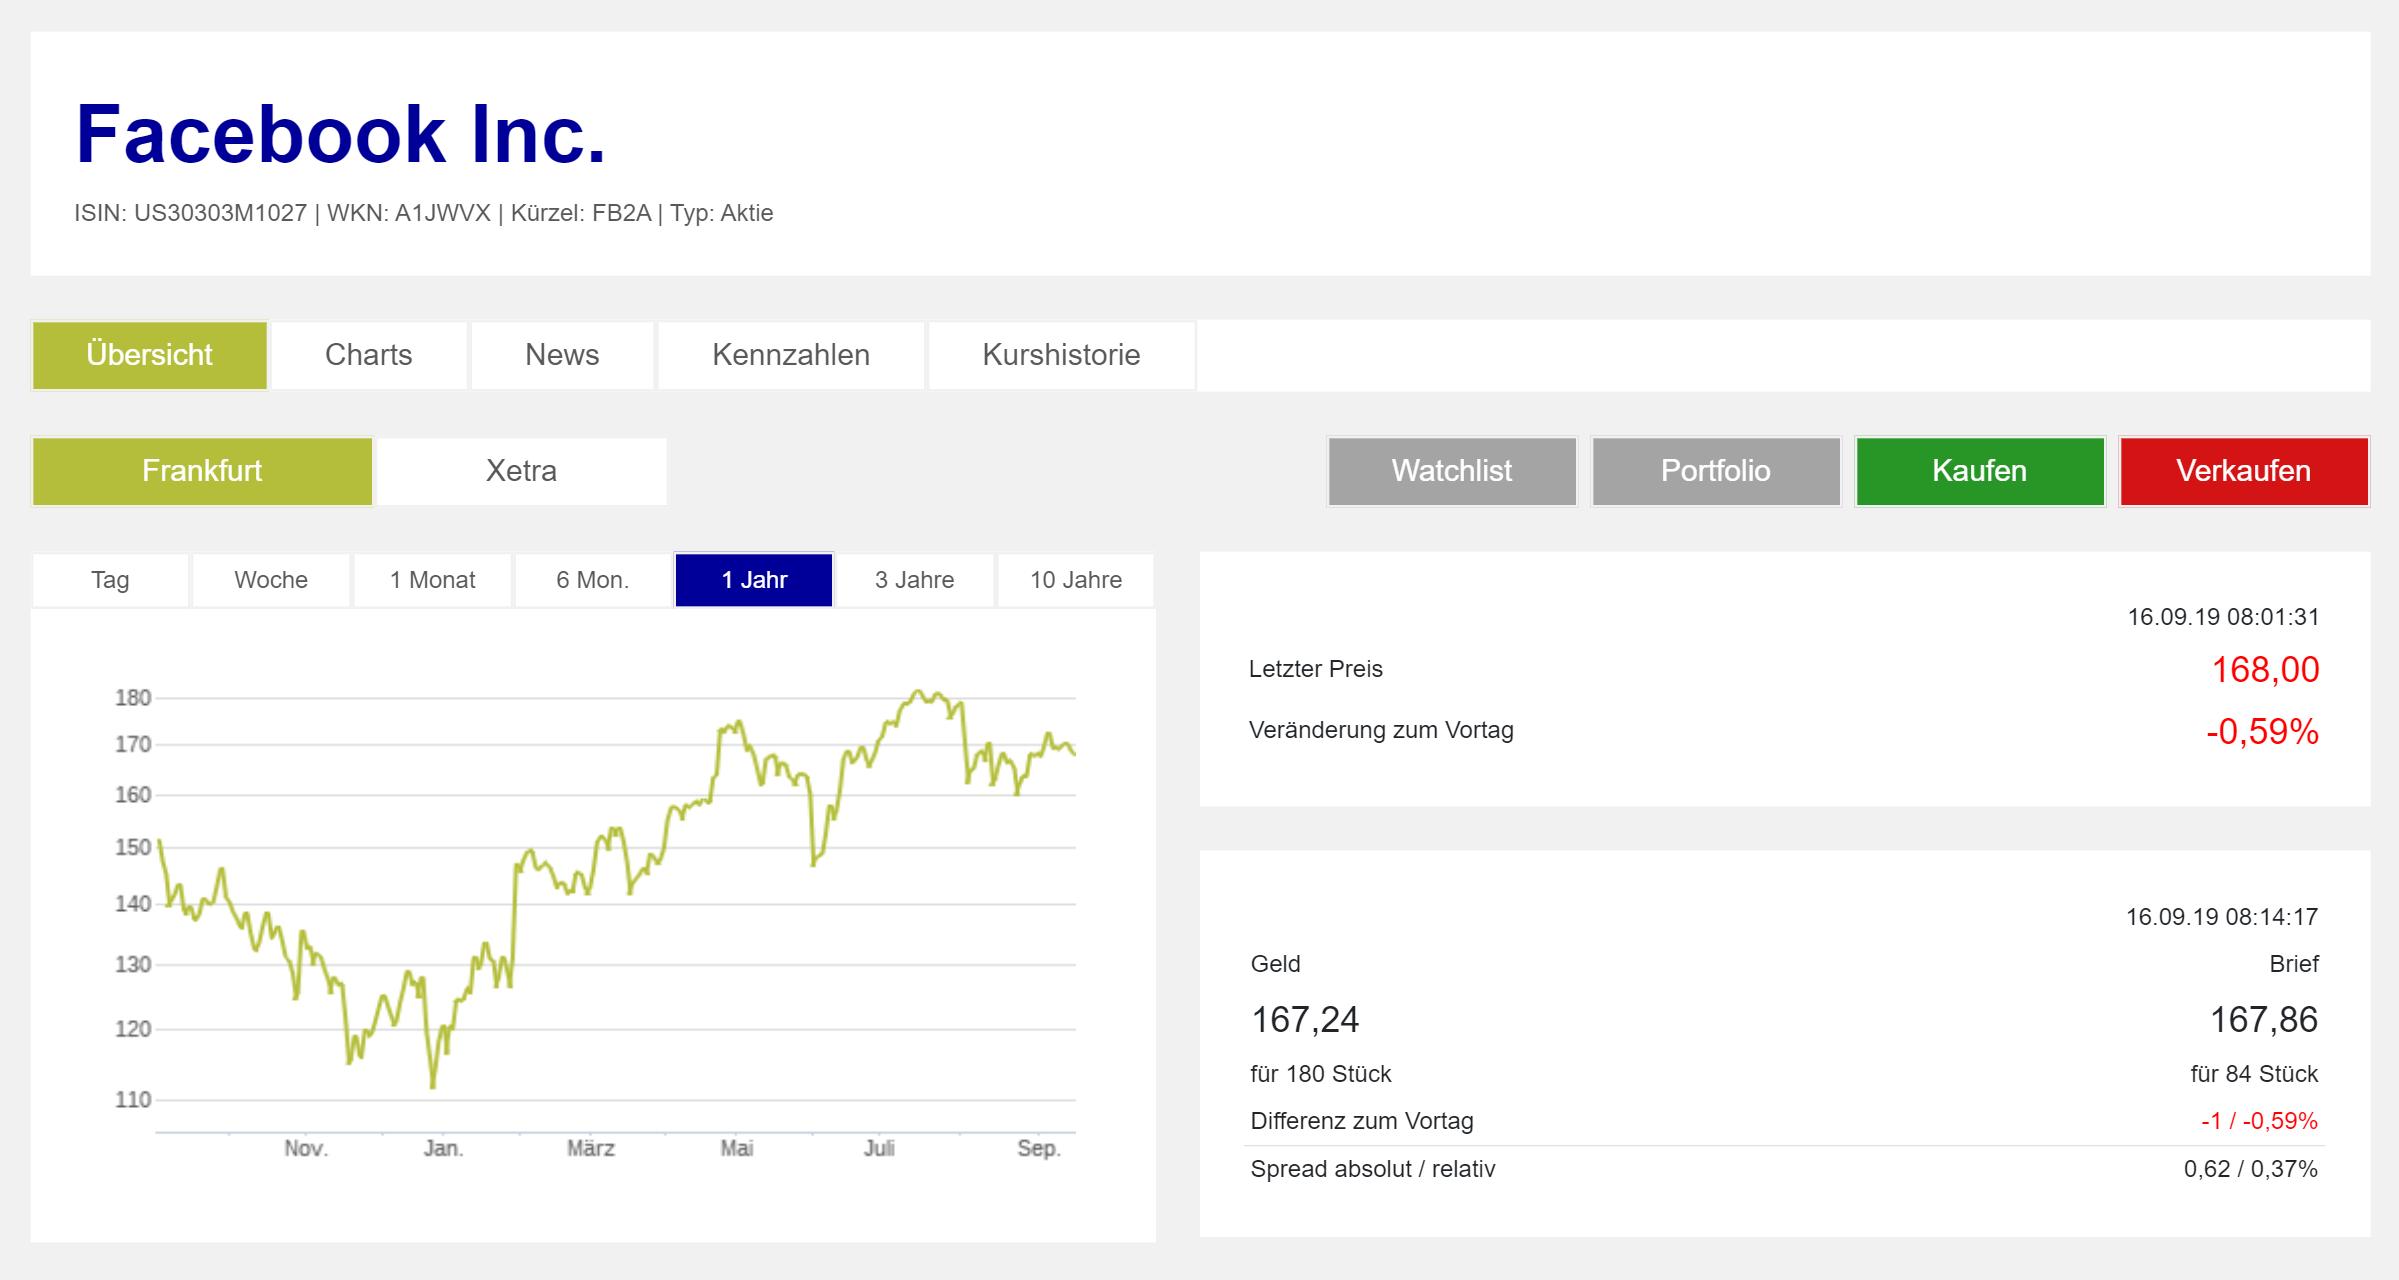 Страница акций Фейсбука на сайте Франкфуртской биржи. График показывает цену акций в евро за последние 12 месяцев